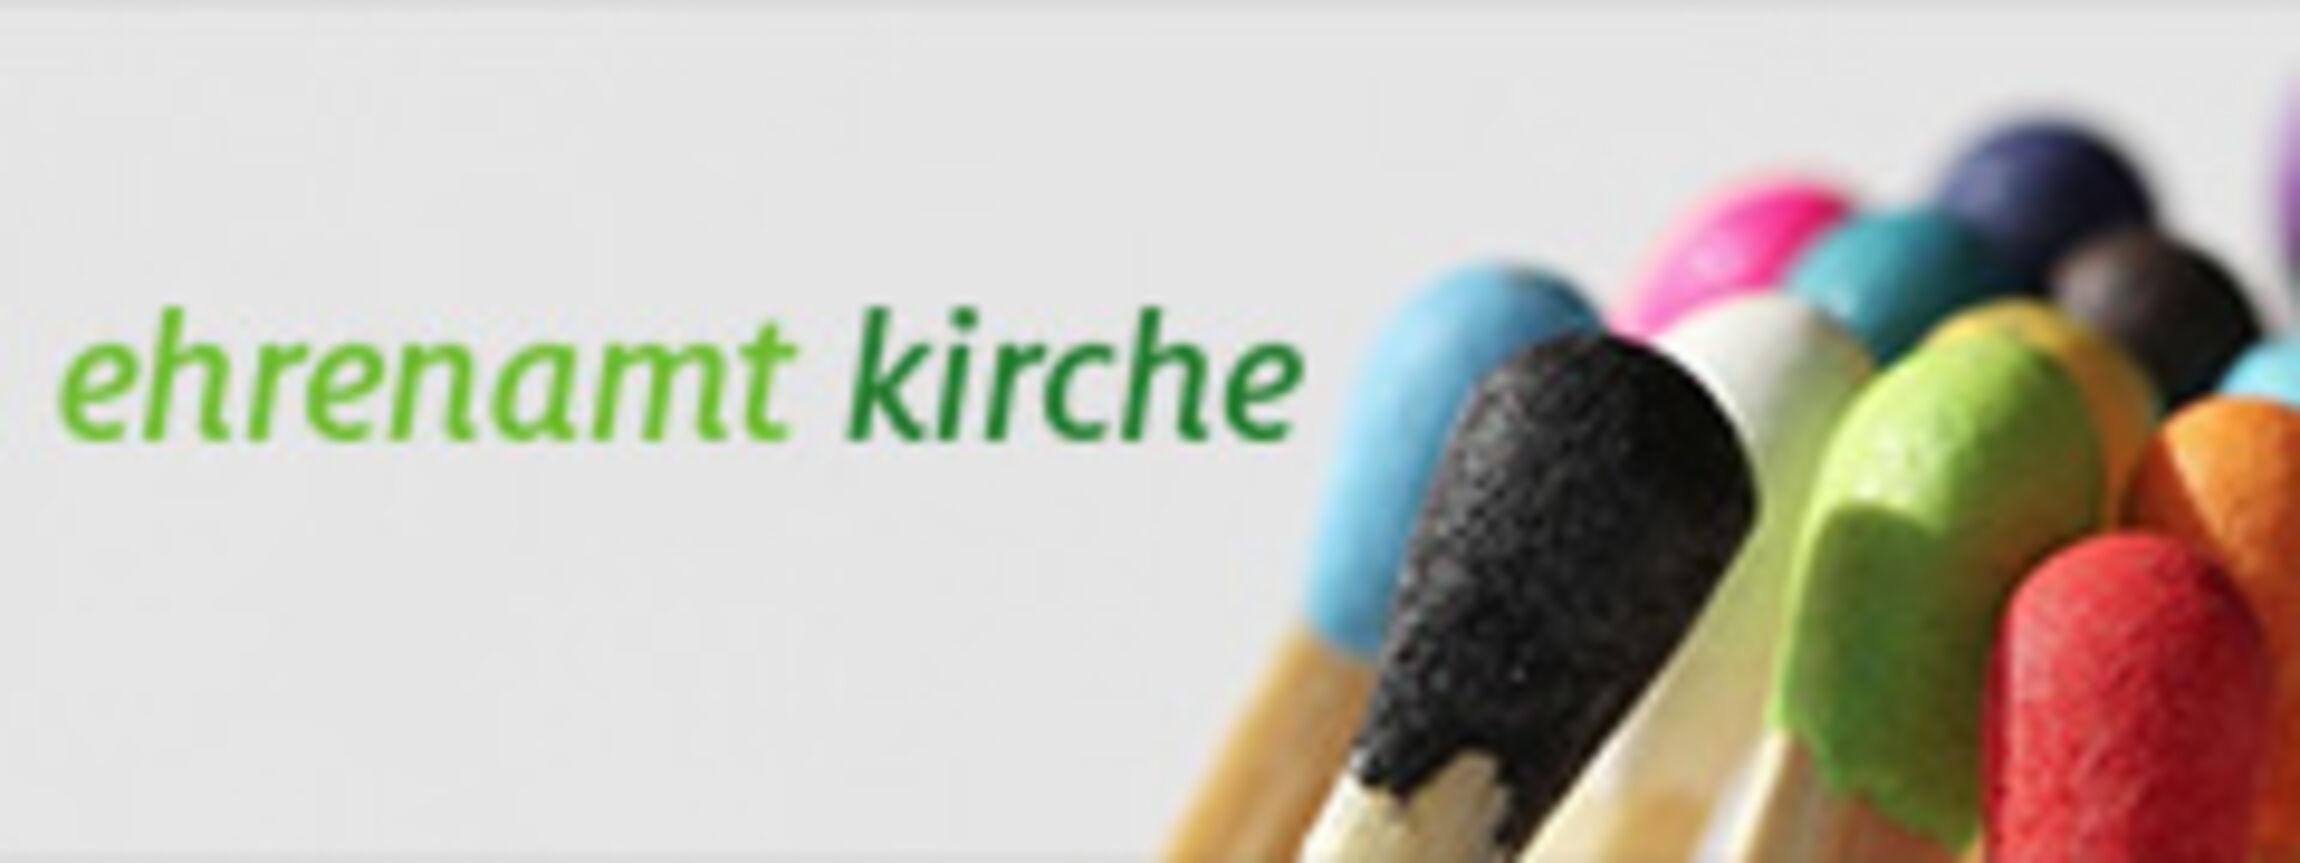 Banner_ehrenamt_kirche_240x90